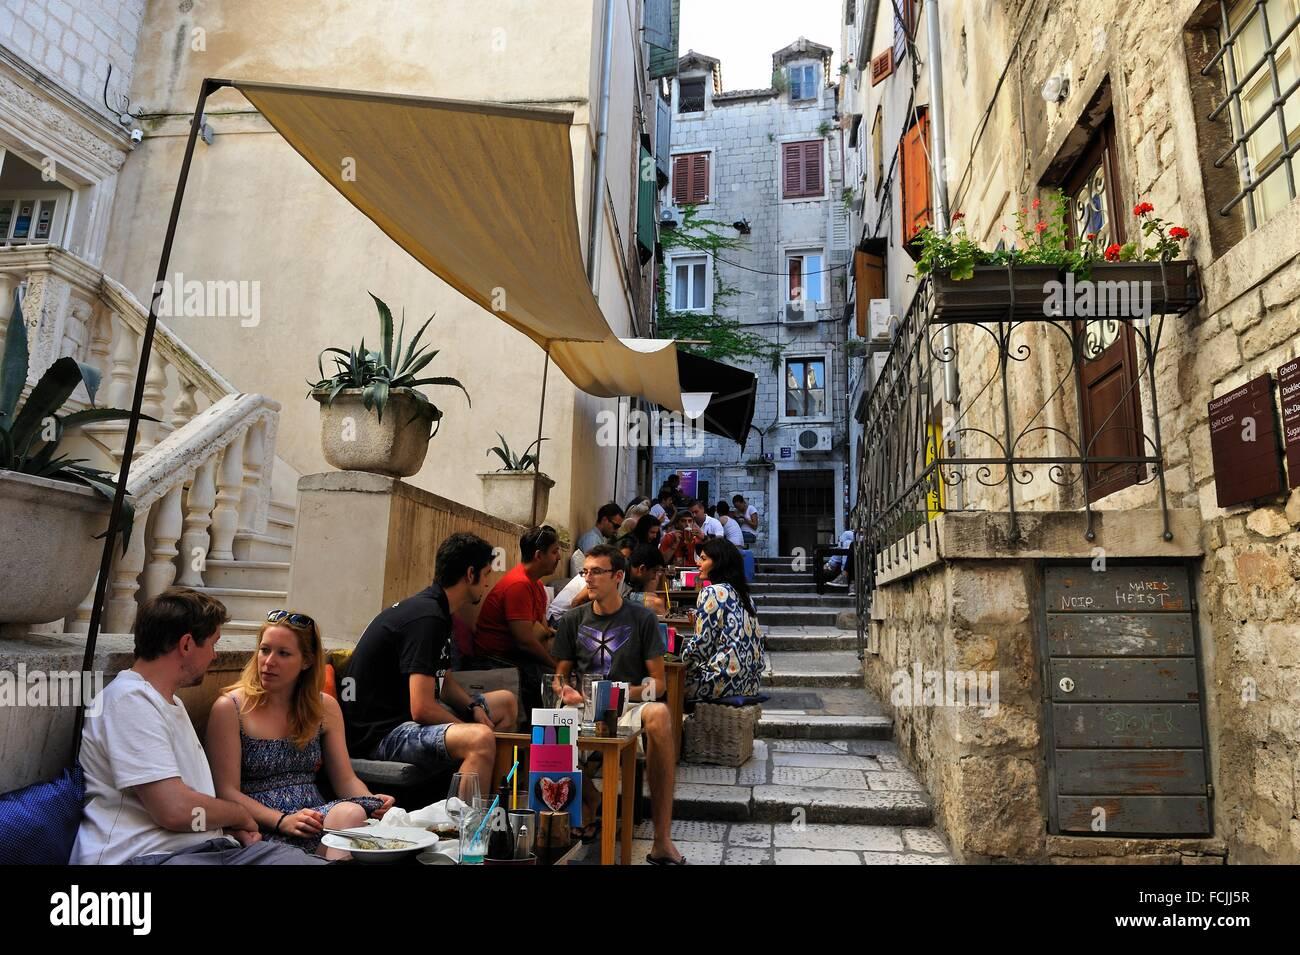 Out Cafe lato fluido, Dosud 1 Street, Città Vecchia, Split, Croazia, Europa sud-orientale. Immagini Stock